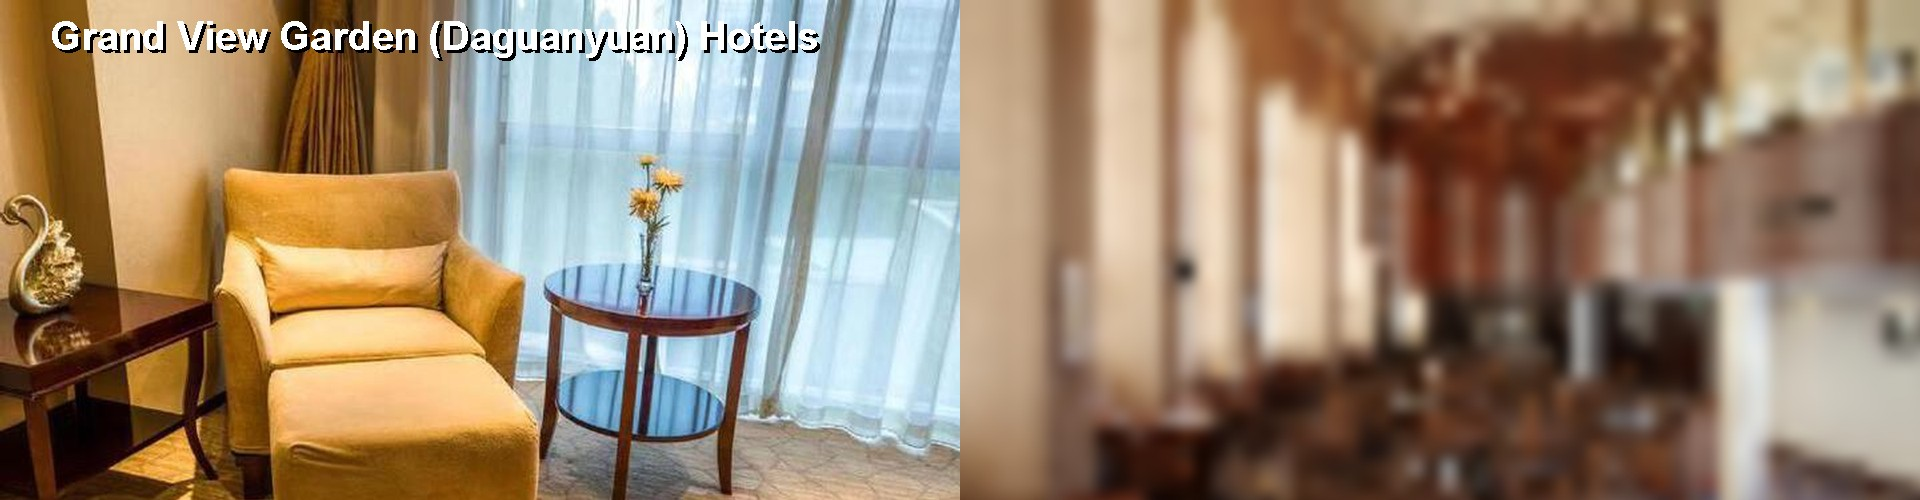 5 Best Hotels Near Grand View Garden Daguanyuan